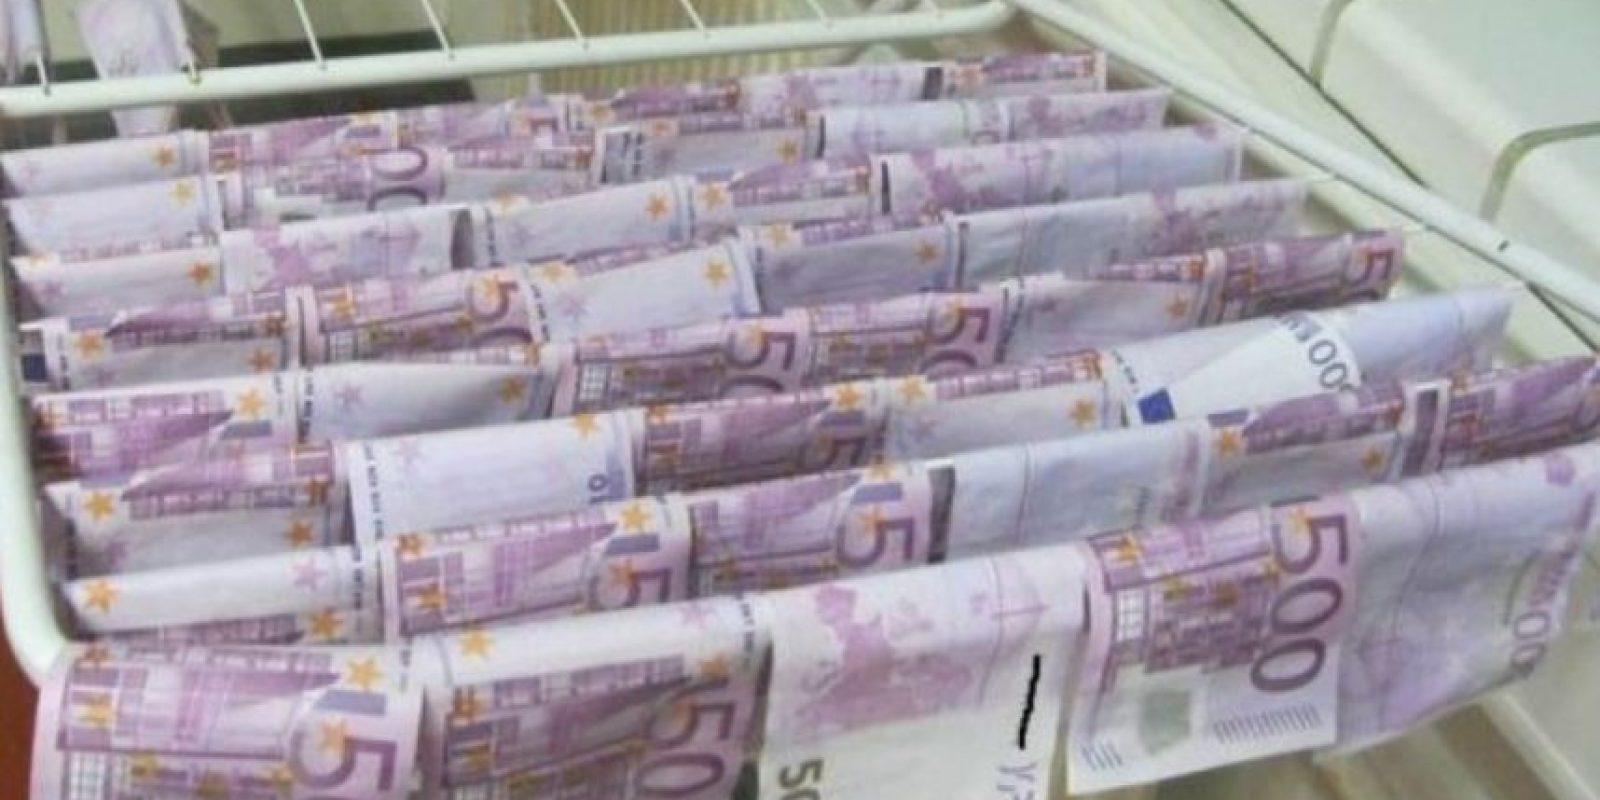 Allí fue donde se encontraron estos billetes que las autoridades se encargaron de secar. Foto:Vienna Police